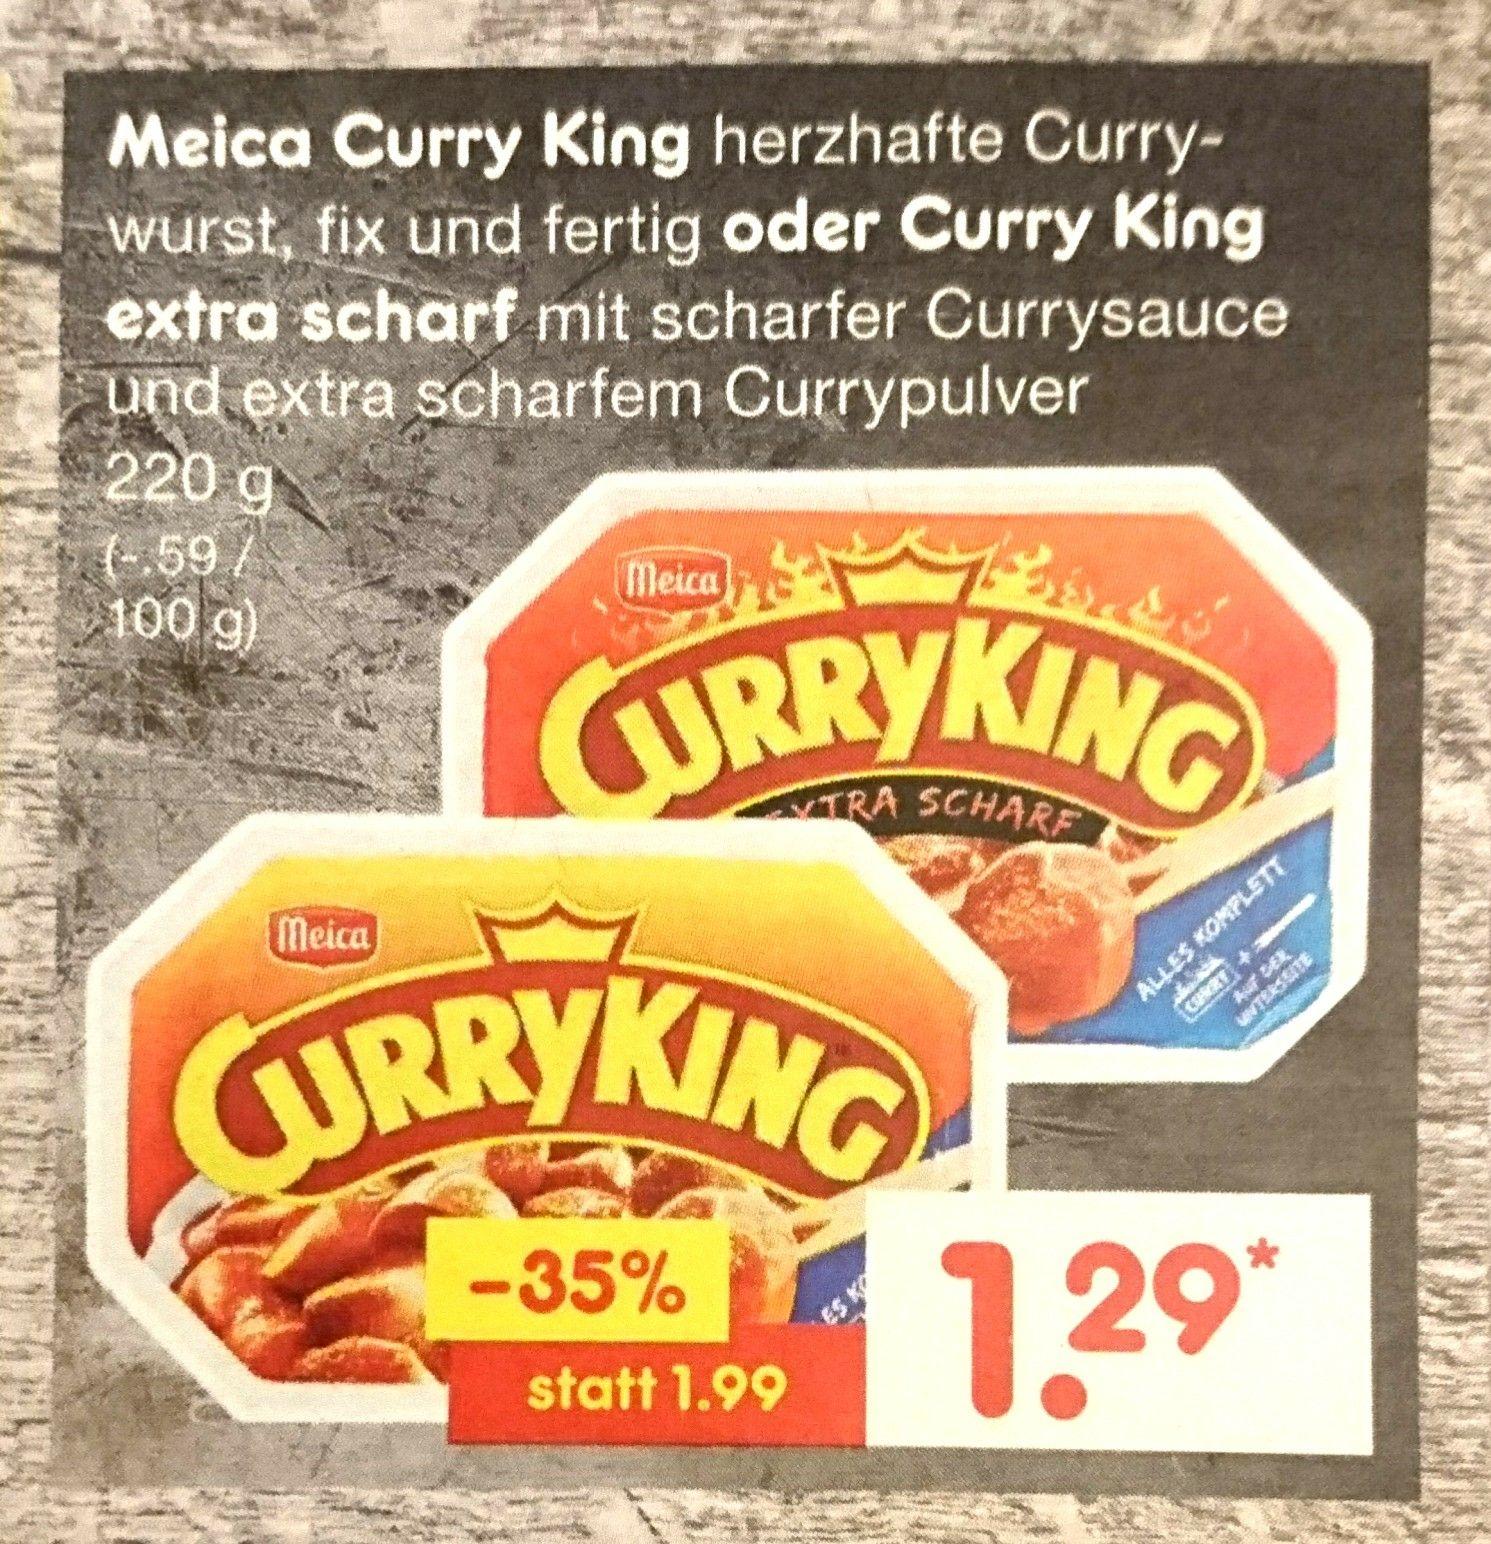 Meica Curry King oder Curry King extra scharf für nur noch 1,29€ bei Netto